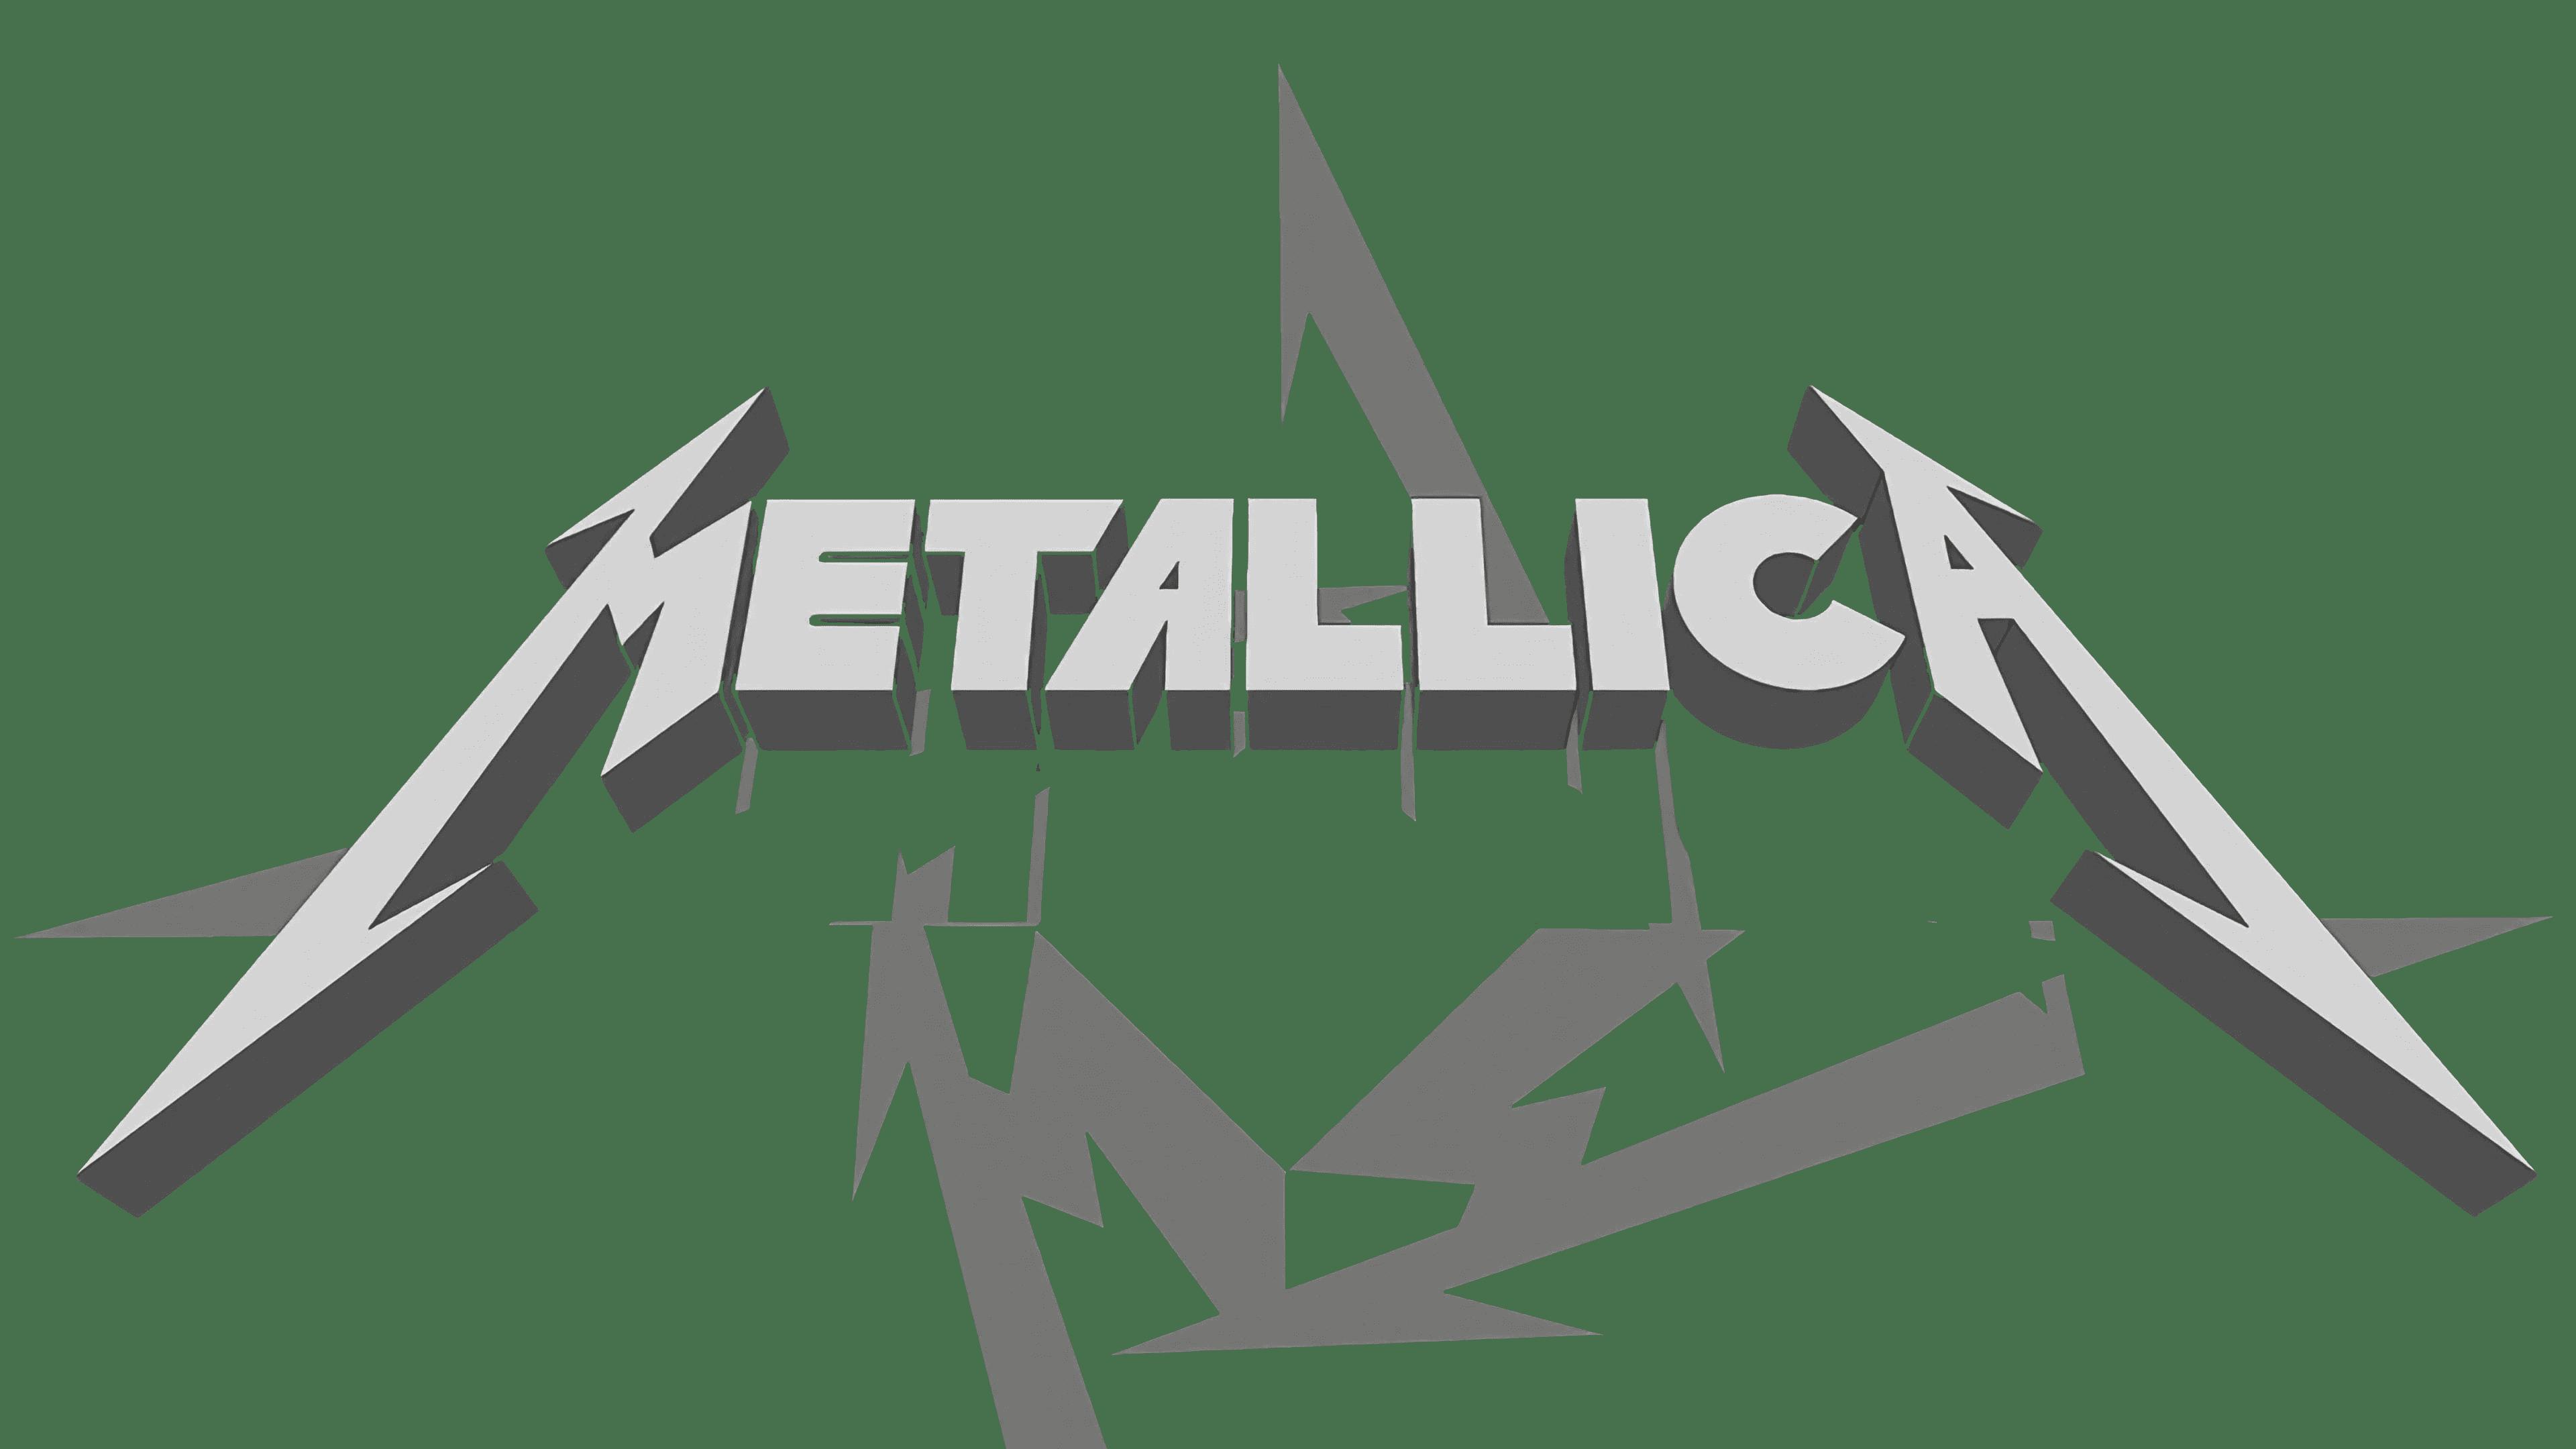 Metallica emblem